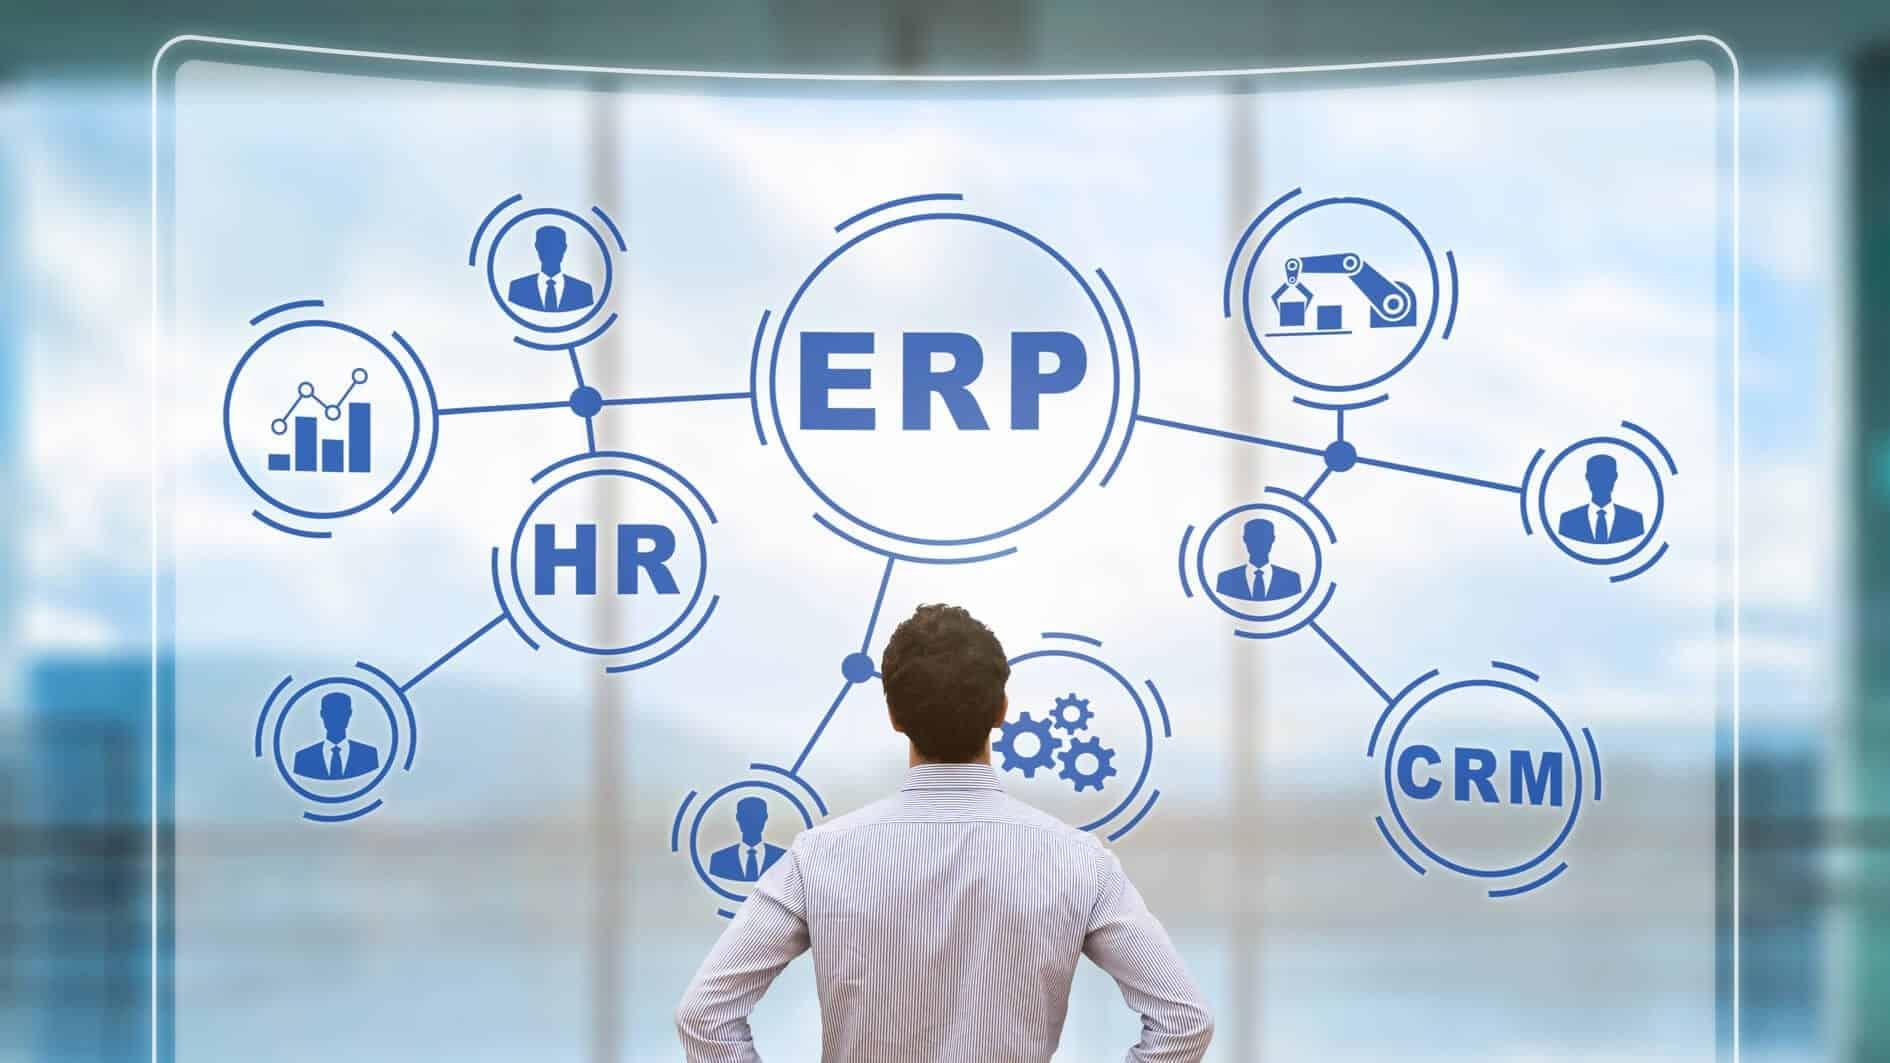 Sistem HRIS: Manfaat dan Pentingnya bagi Perusahaan